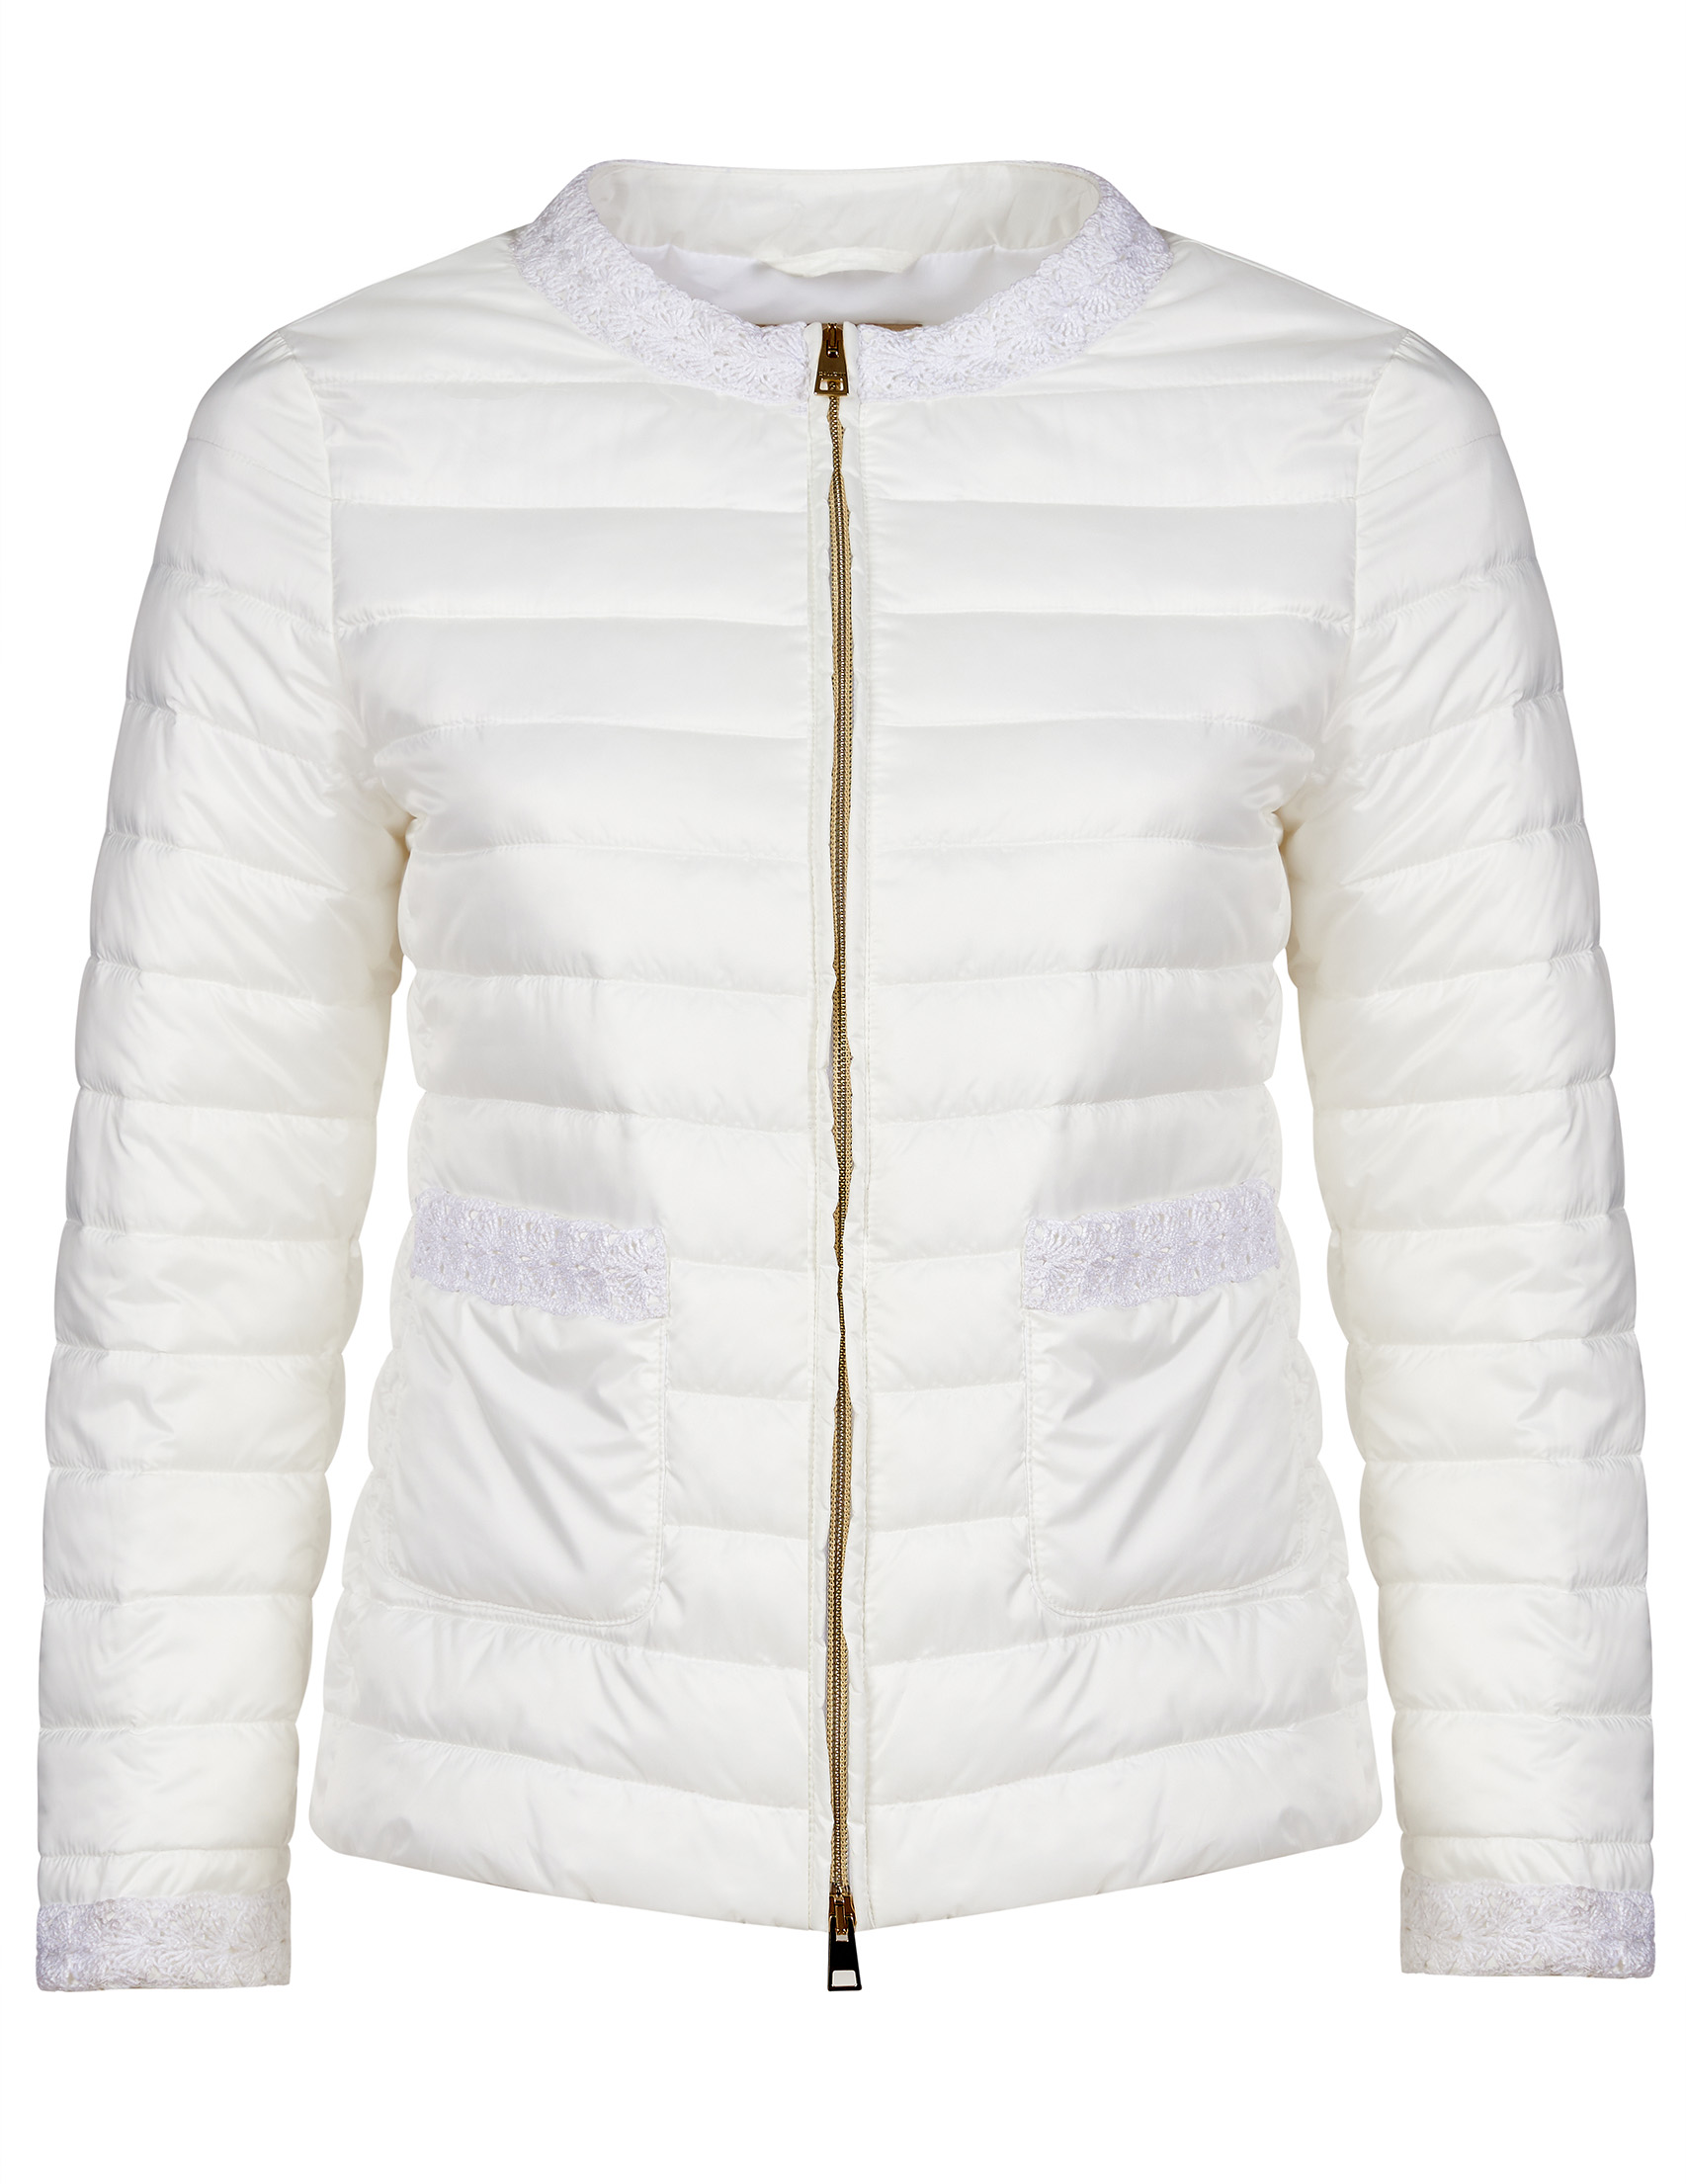 Купить Куртки, Куртка, GALLOTTI, Белый, 100%Полиэстер, Осень-Зима